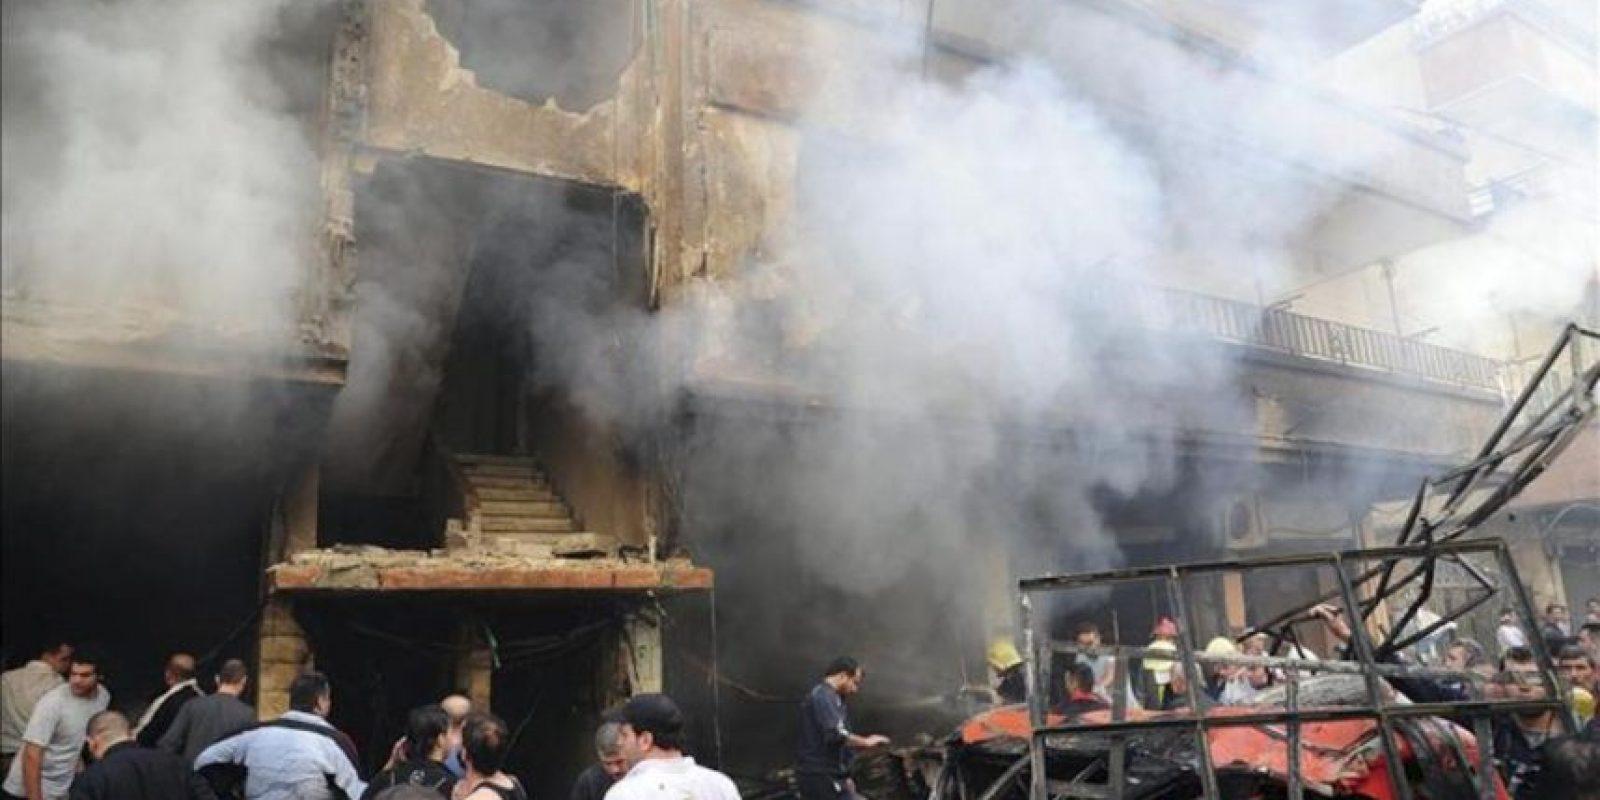 Imagen distribuida por la Agencia de Noticias siria Sana que muestra a un grupo de sirios inspeccionando los edificios dañados tras la explosión de un coche bomba en la zona de Al Rawda, en Jaramana, al sur de Damasco, hoy lunes 29 de octubre. EFE